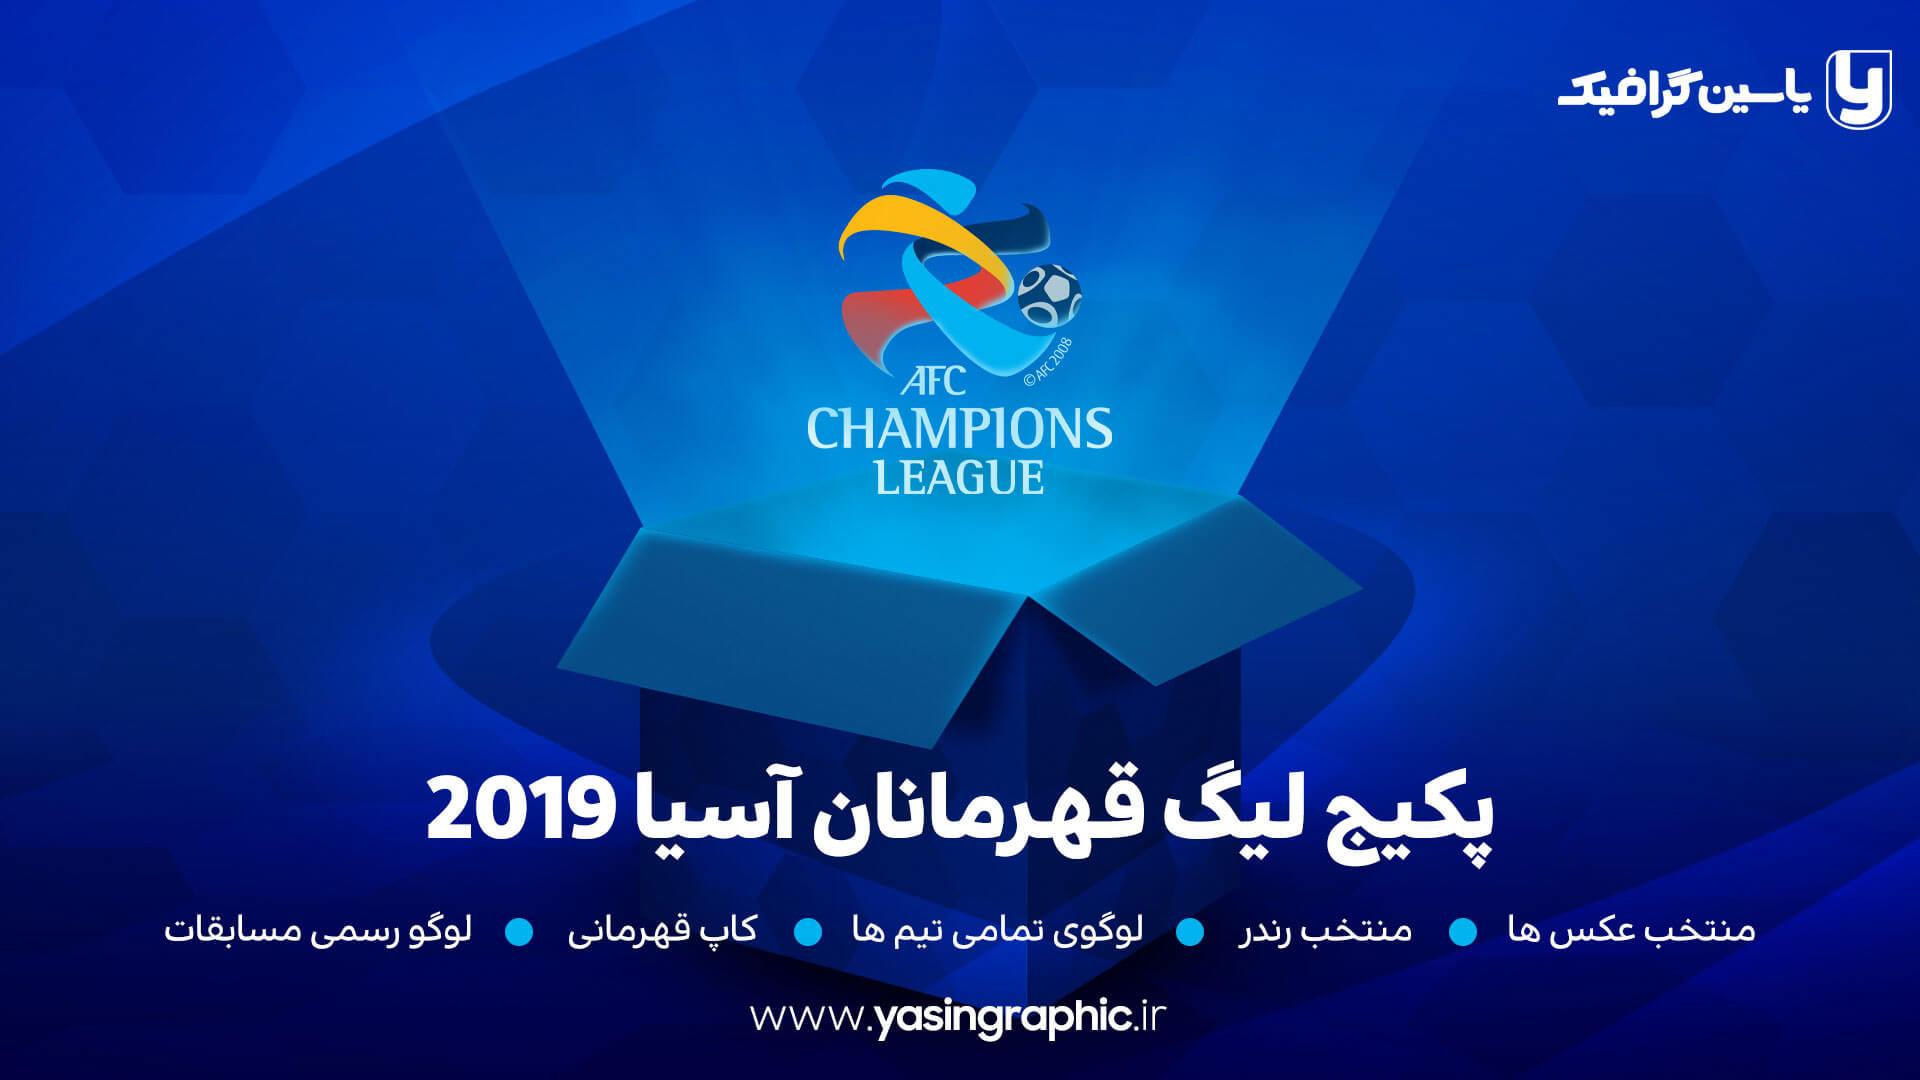 دانلود پکیج لیگ قهرمانان آسیا 2019